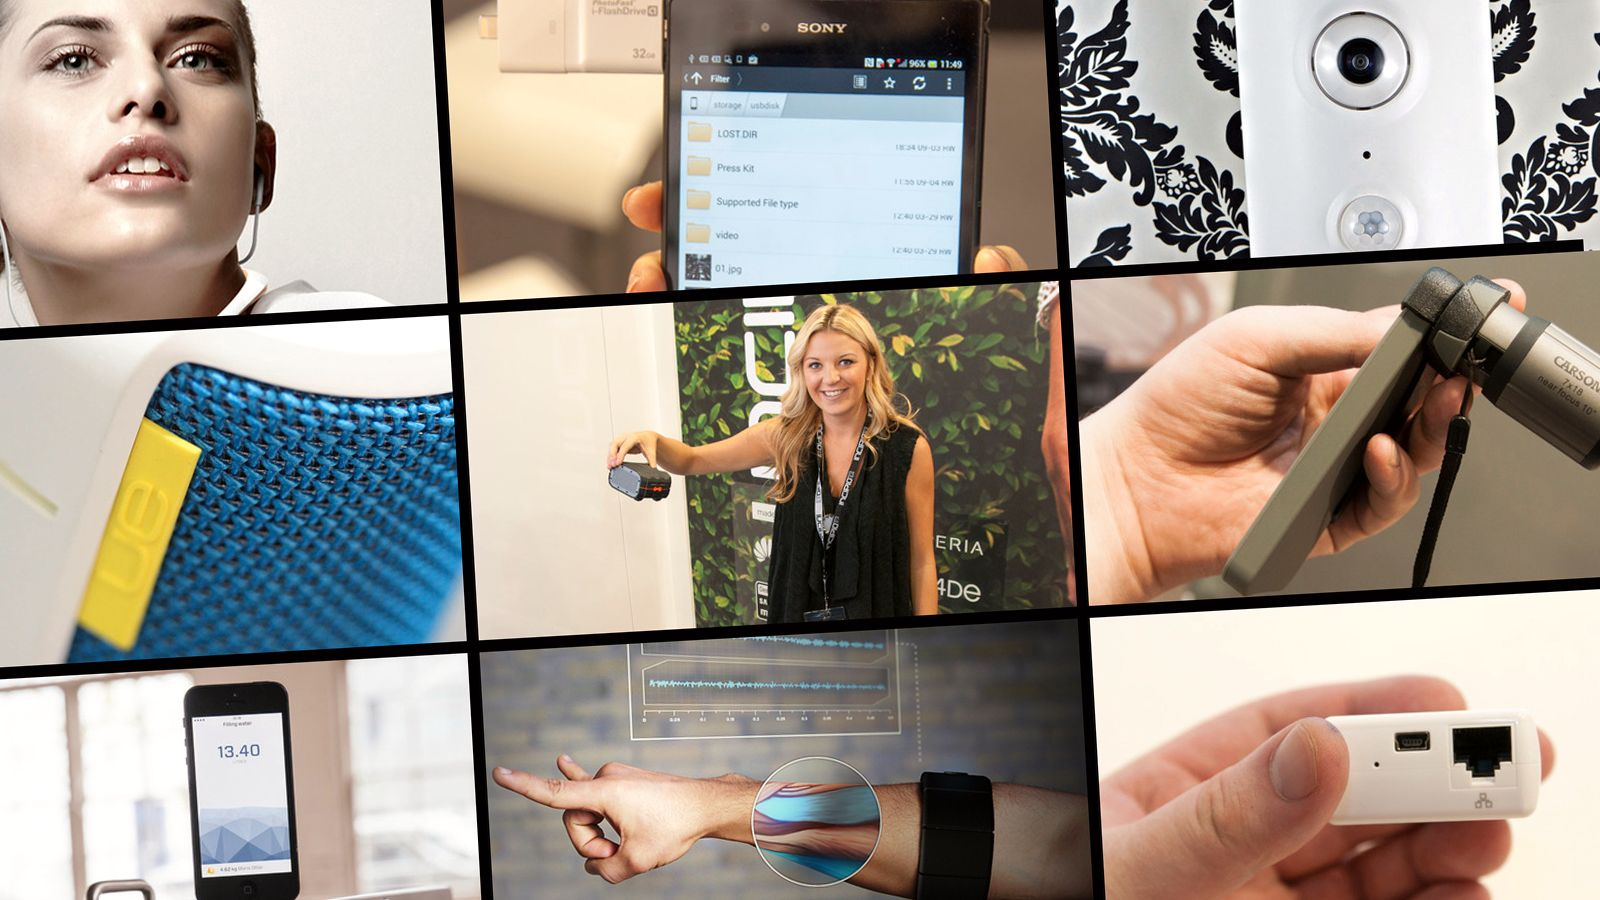 17 kule dingser til mobilen og nettbrettet